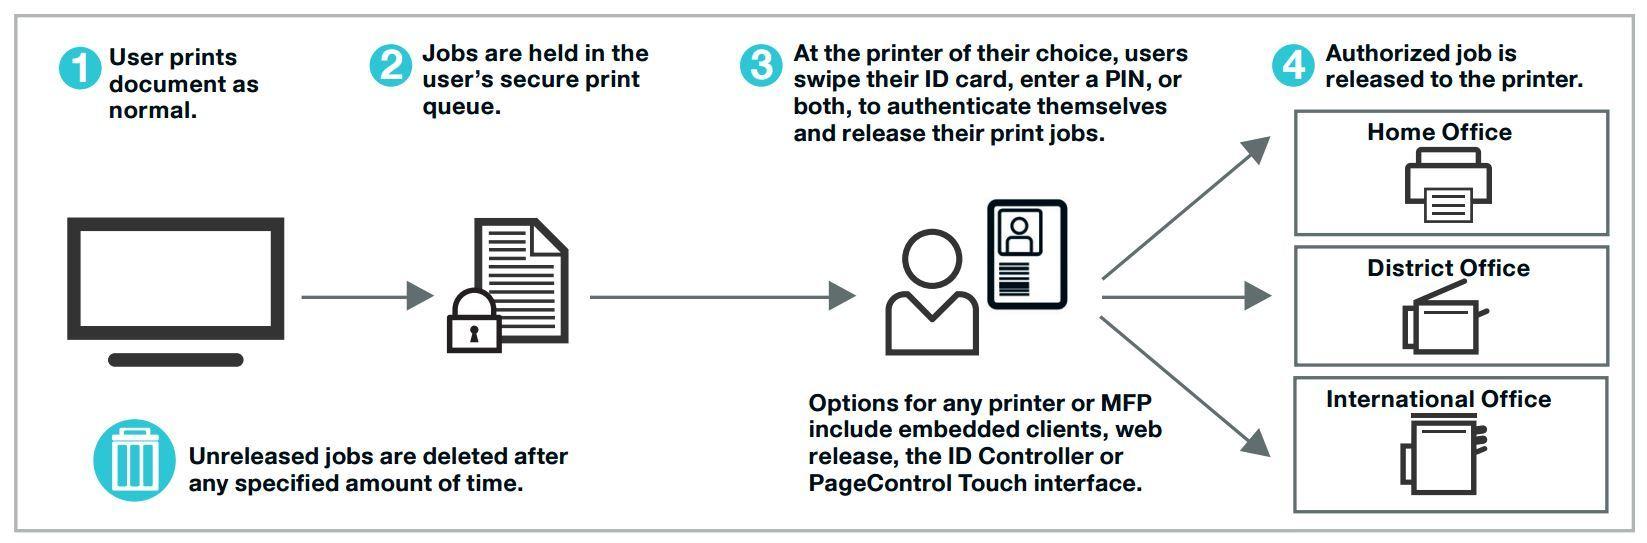 Принтер — находка для шпиона. Как сделать печать в компании безопасным и экономичным процессом - 6